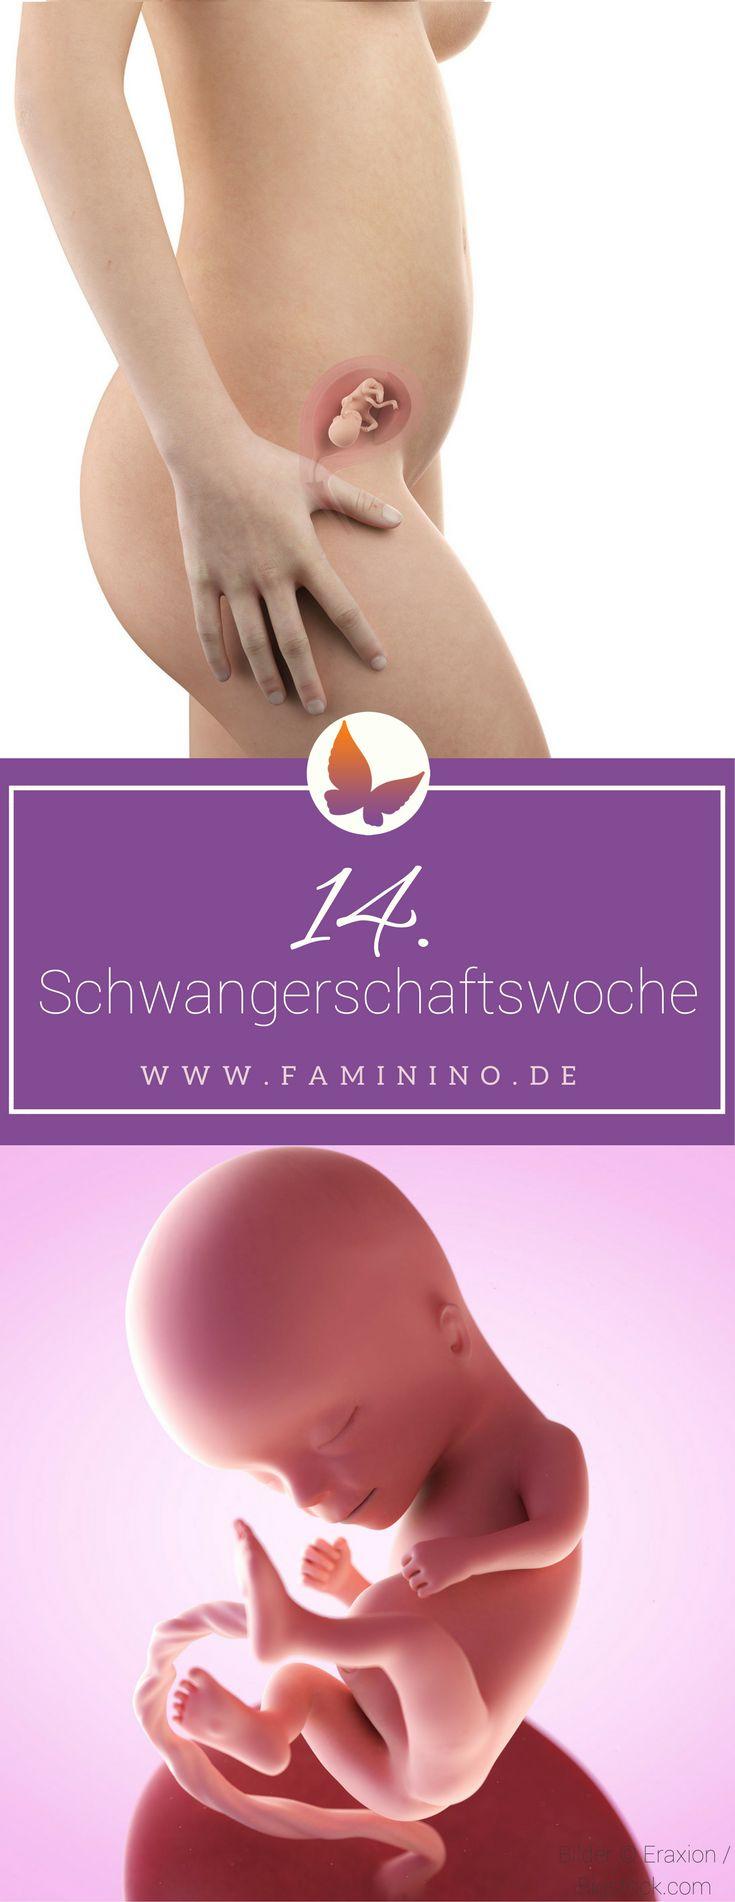 14. SSW (Schwangerschaftswoche)